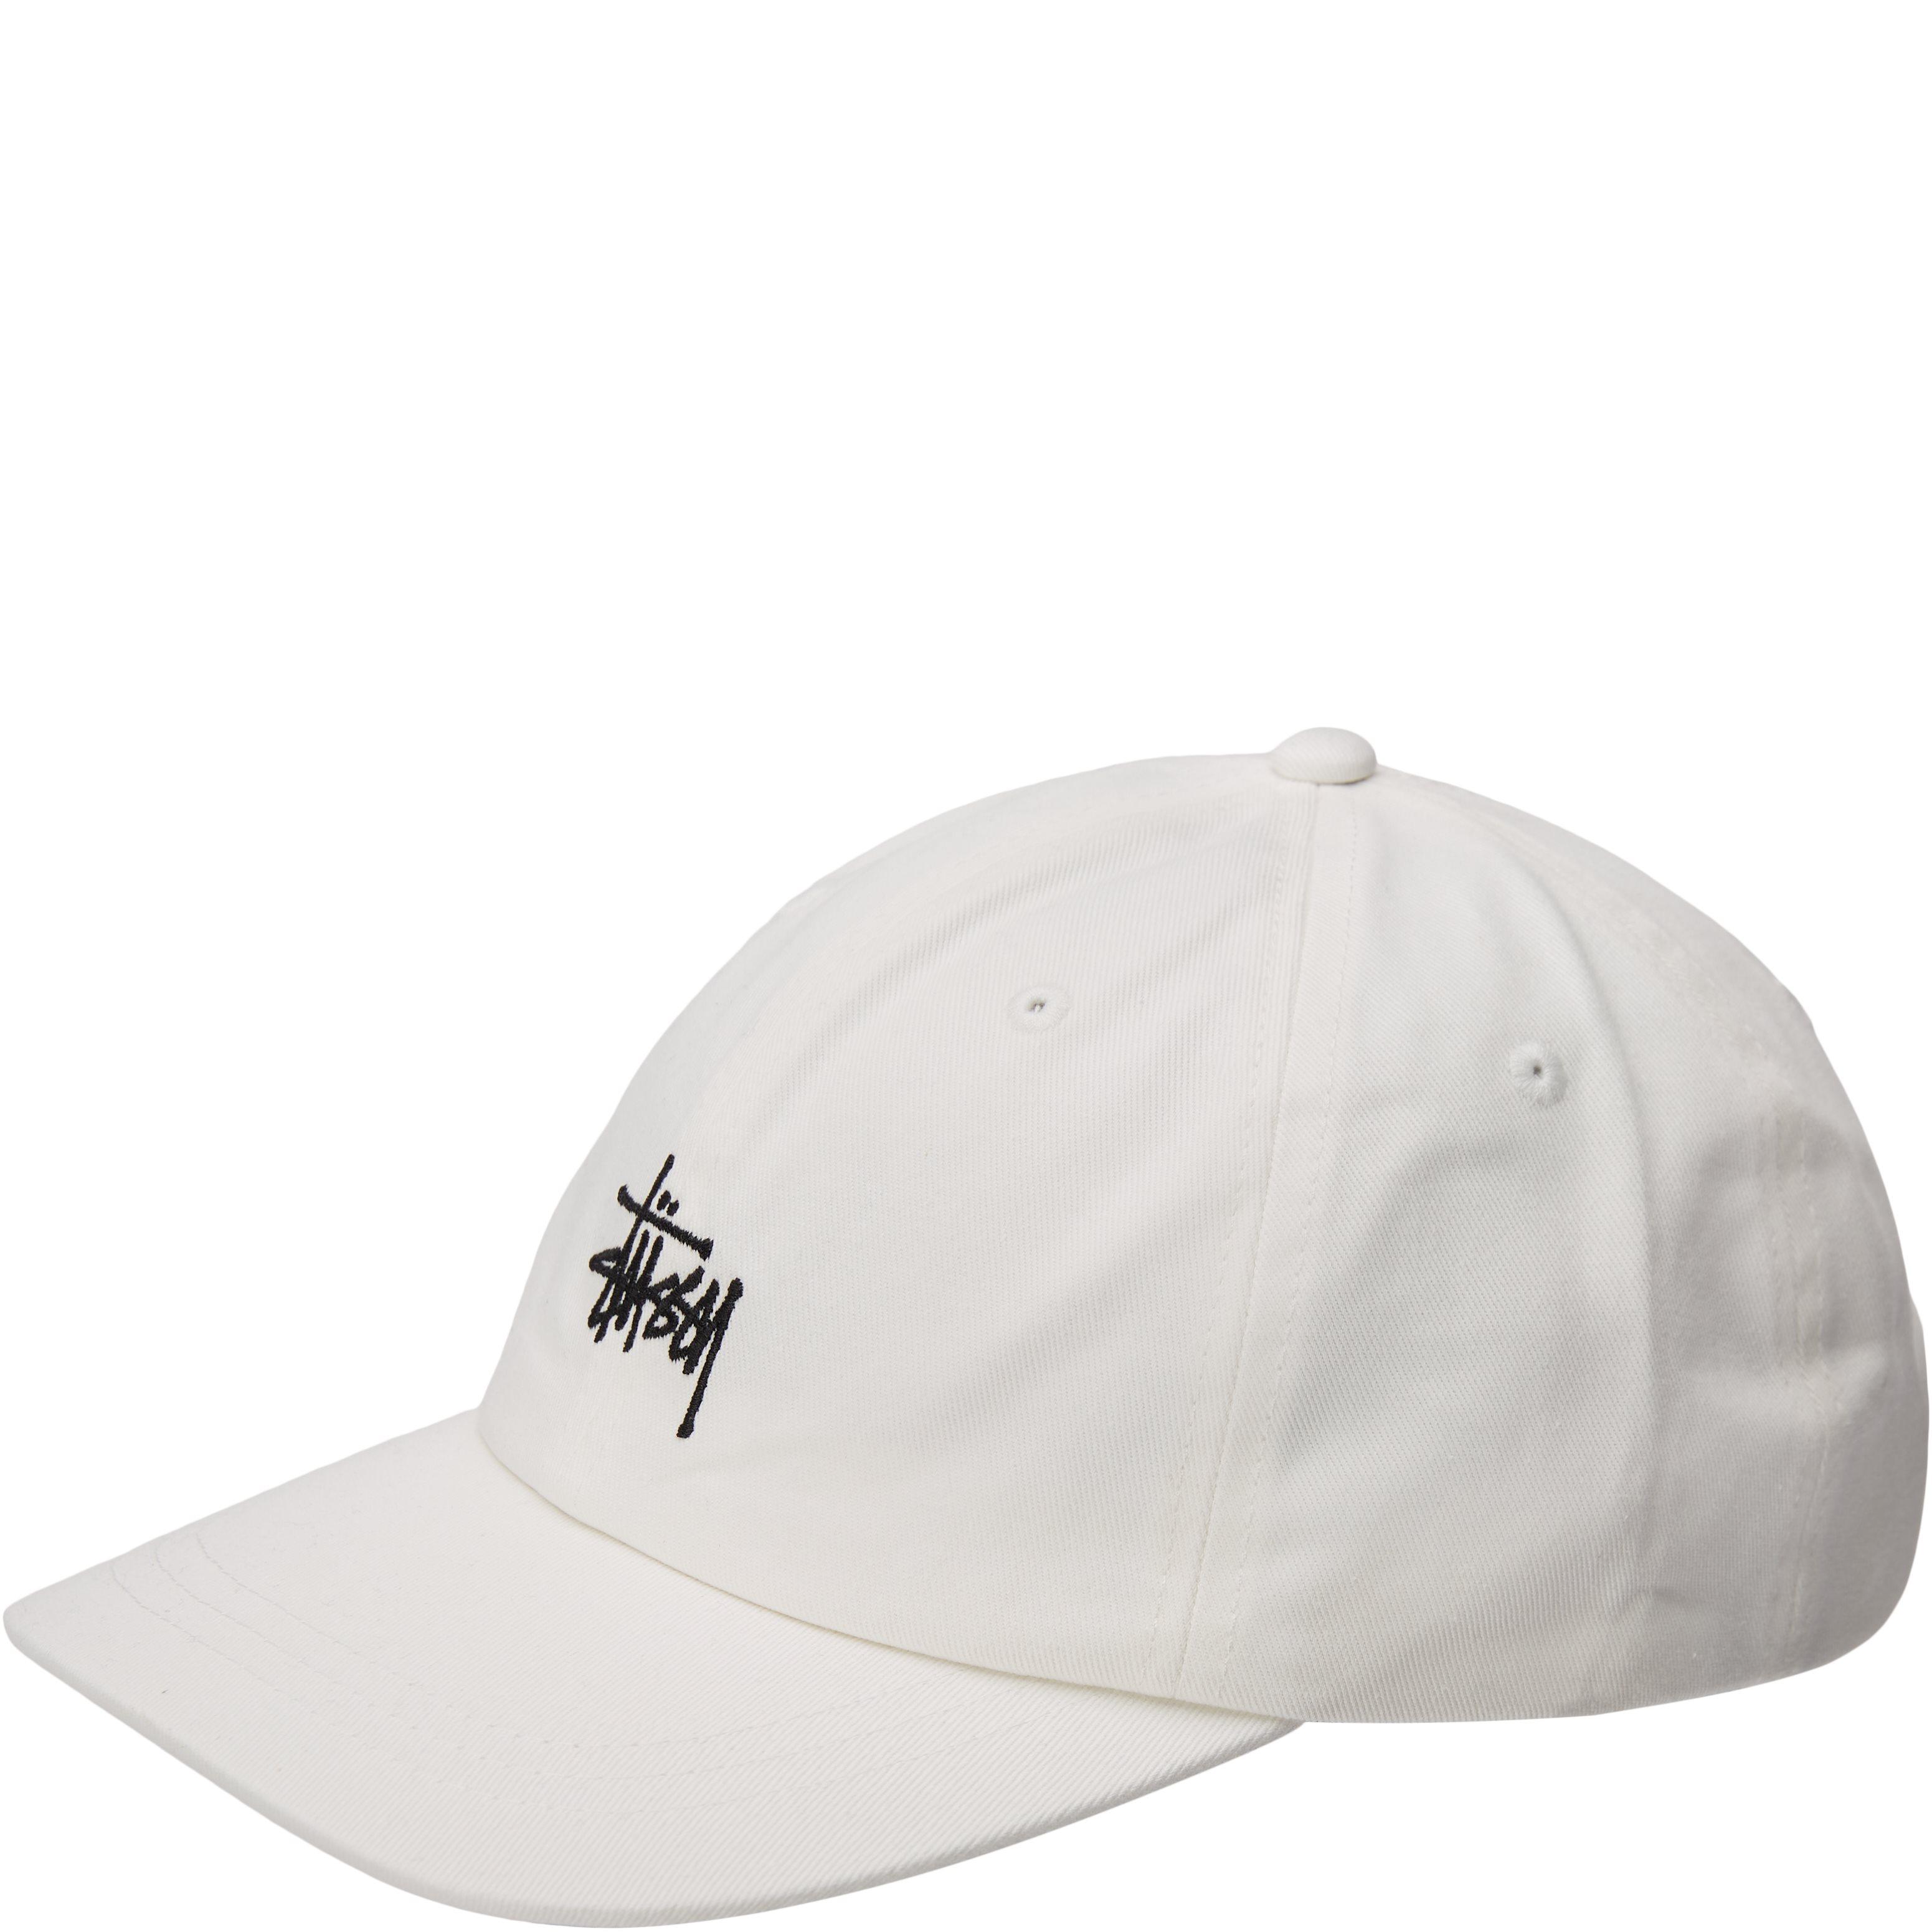 Caps - White